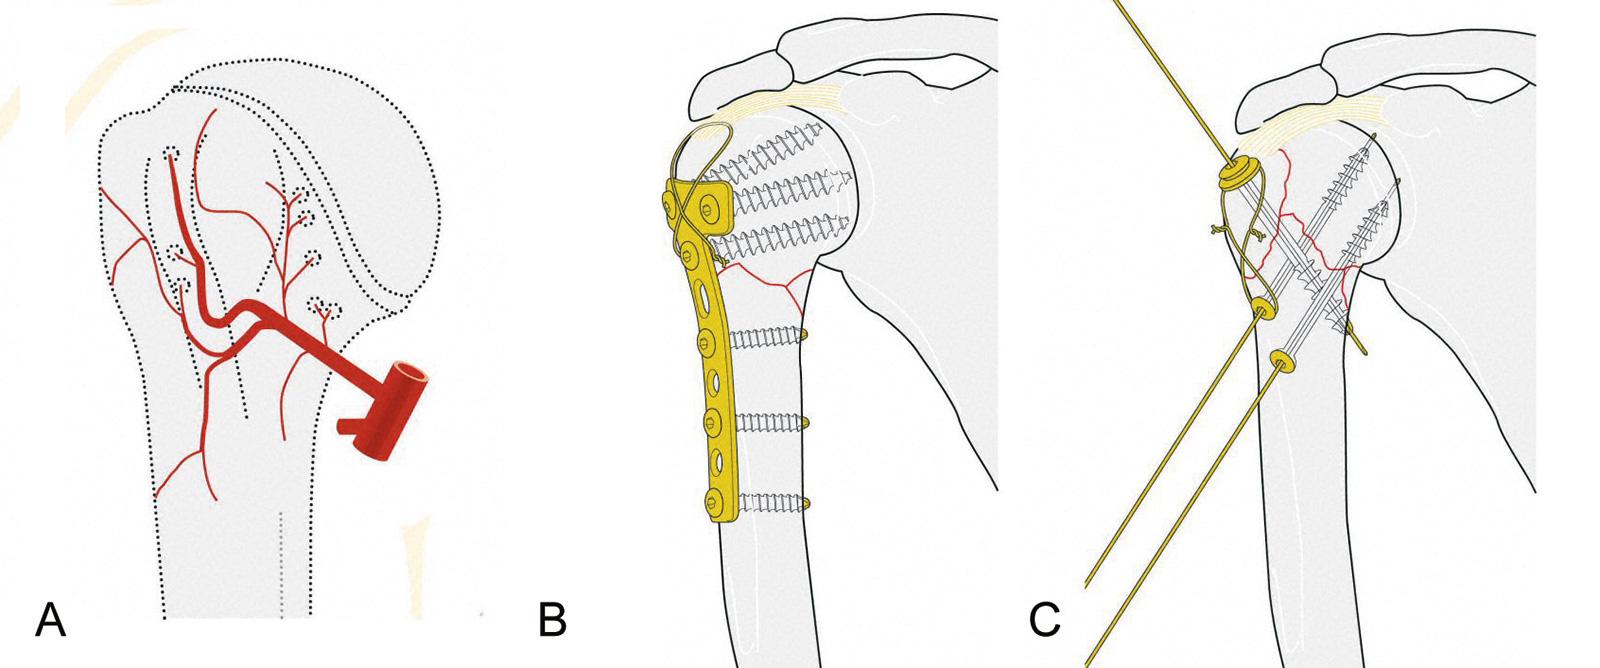 Abb. 3-69: Blutversorgung des Humeruskopfes durch die Arteria circumflexa (anterior und posterior) (A), Stabilisierung einer A3 Fraktur mit einer T-Platte und einer Zuggurtungsosteosynthese (B), Fixierung einer B2 Fraktur mit kanülierten Schrauben und ein